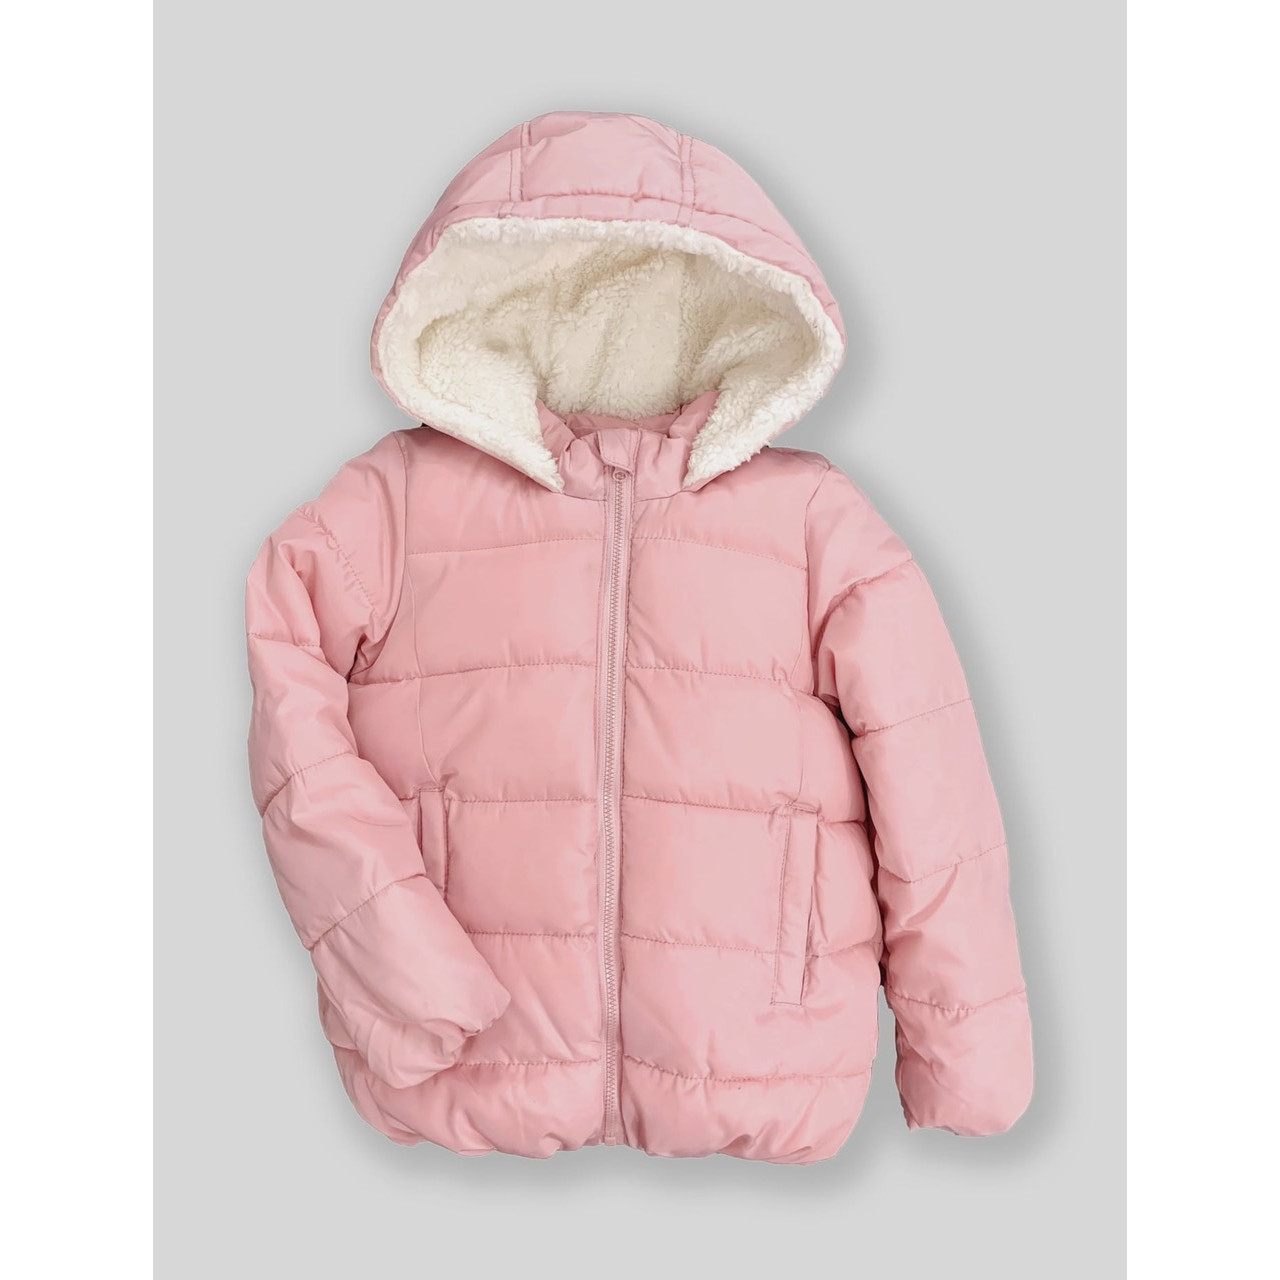 Áo khoác phao lót nỉ, mũ lông cừu cho bé gái 9m-5 tuổi